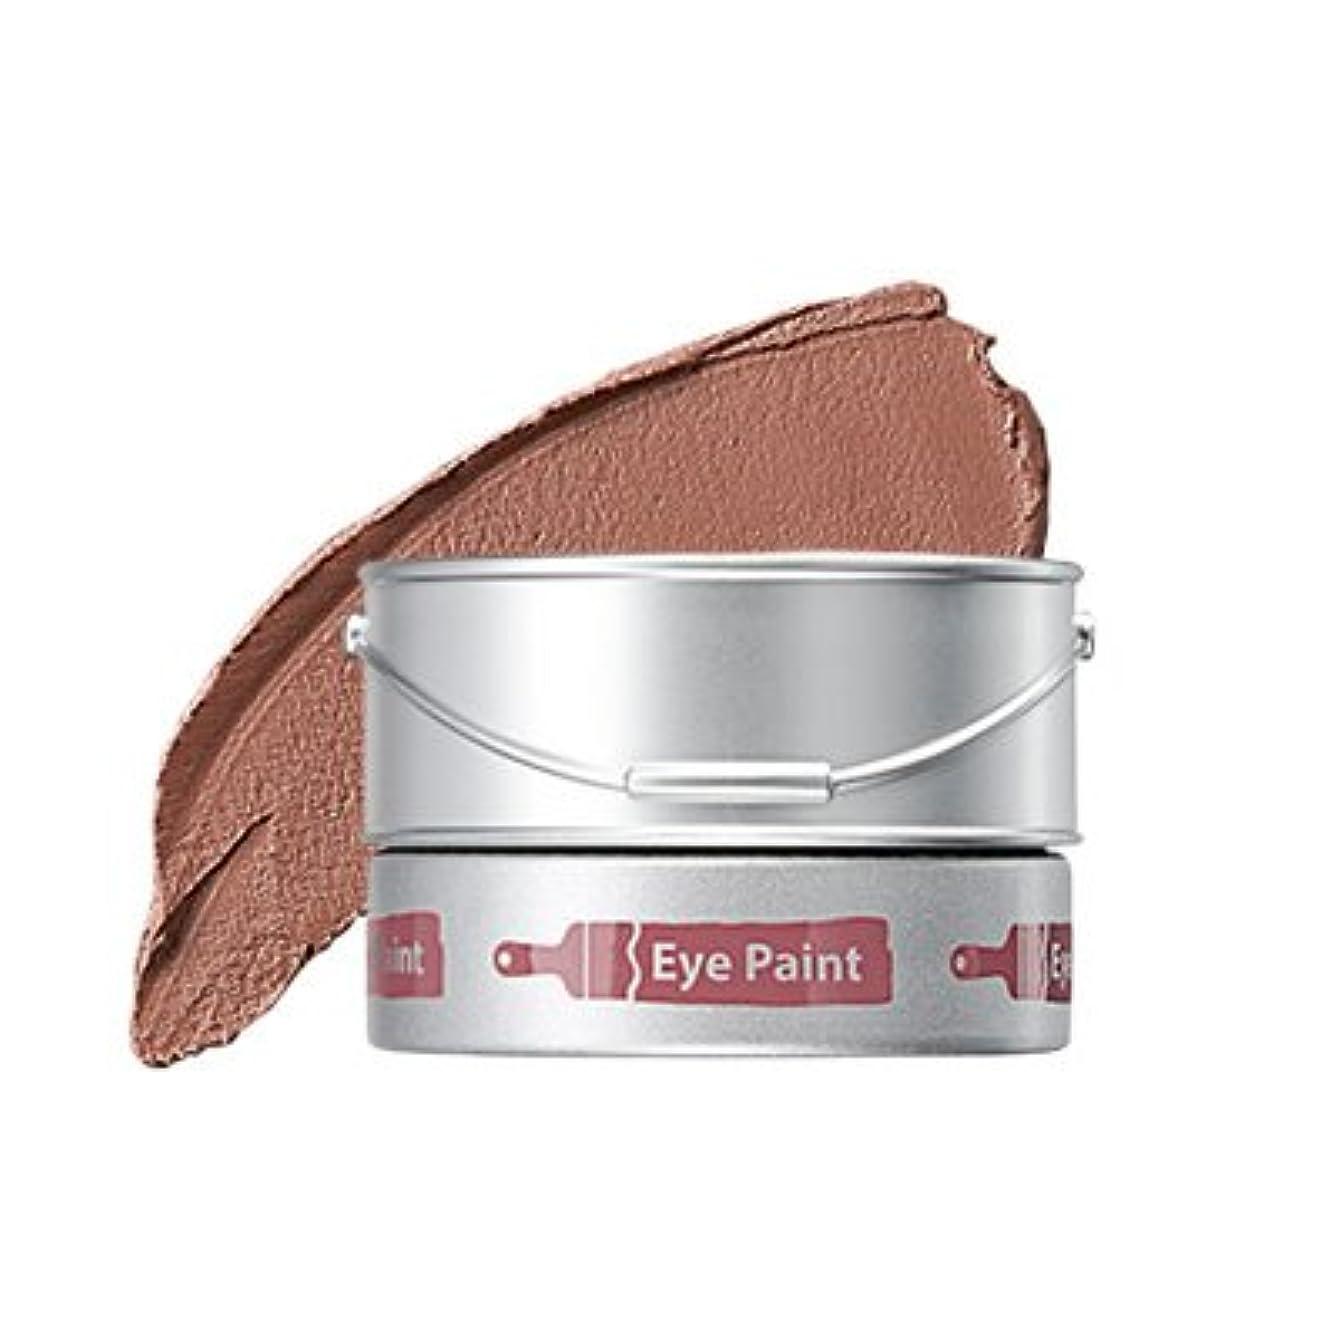 職業スーダン経験的【The Saem】 アイペイント/ザセム eye paint クリームシャドウ (02インディピンク)